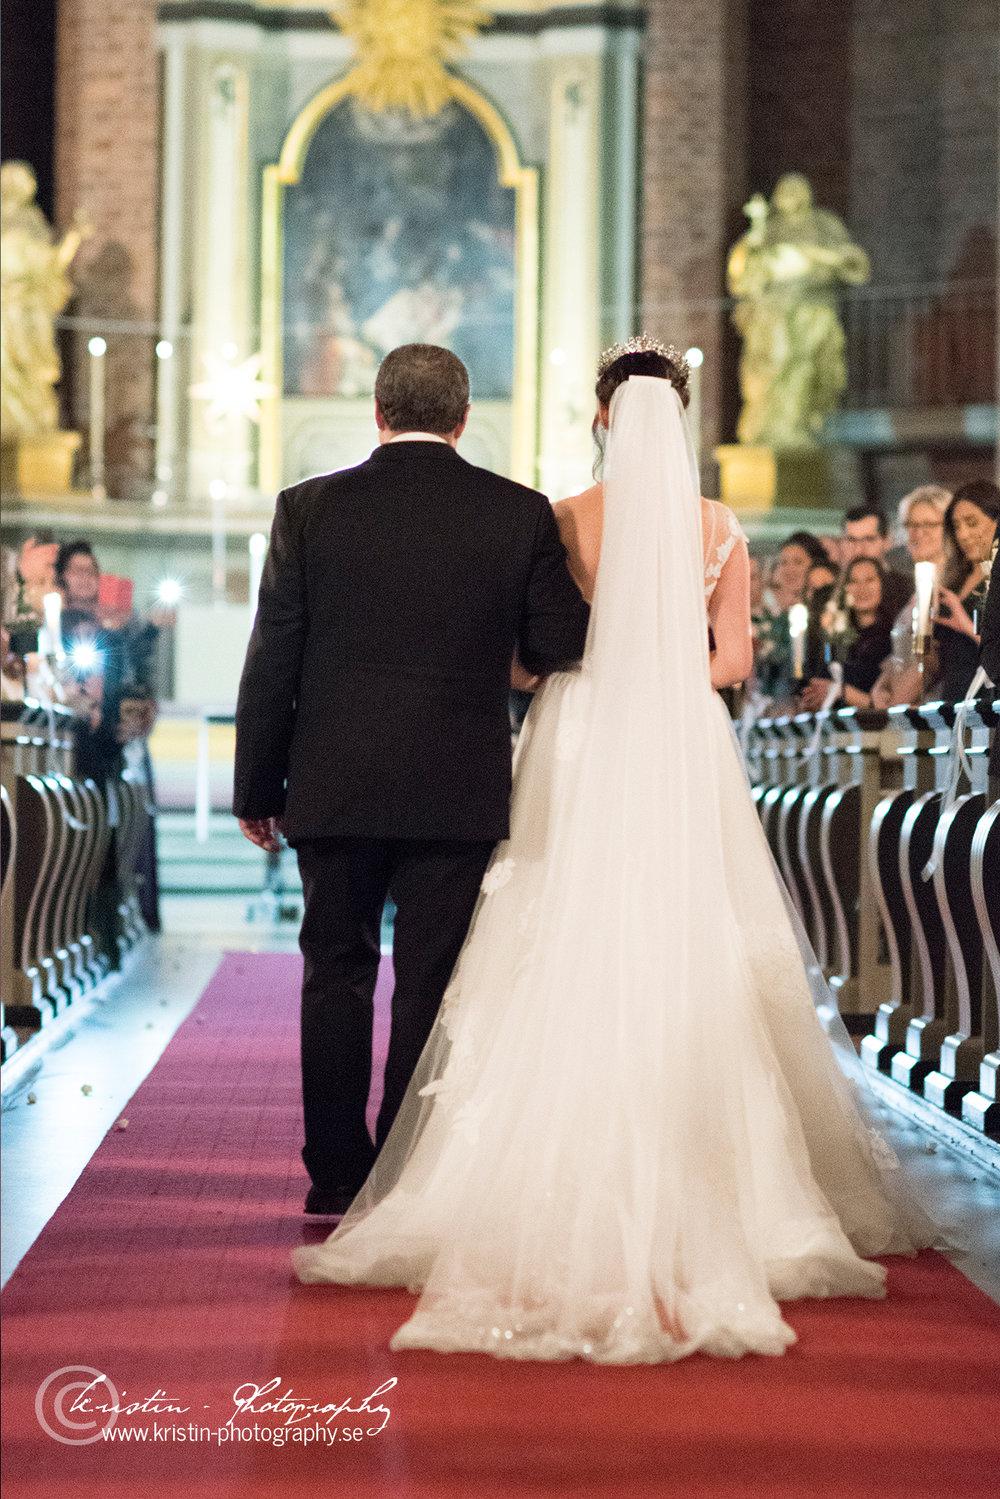 Bröllopsfotograf i Eskilstuna, Kristin - Photography, weddingphotographer -113c.jpg